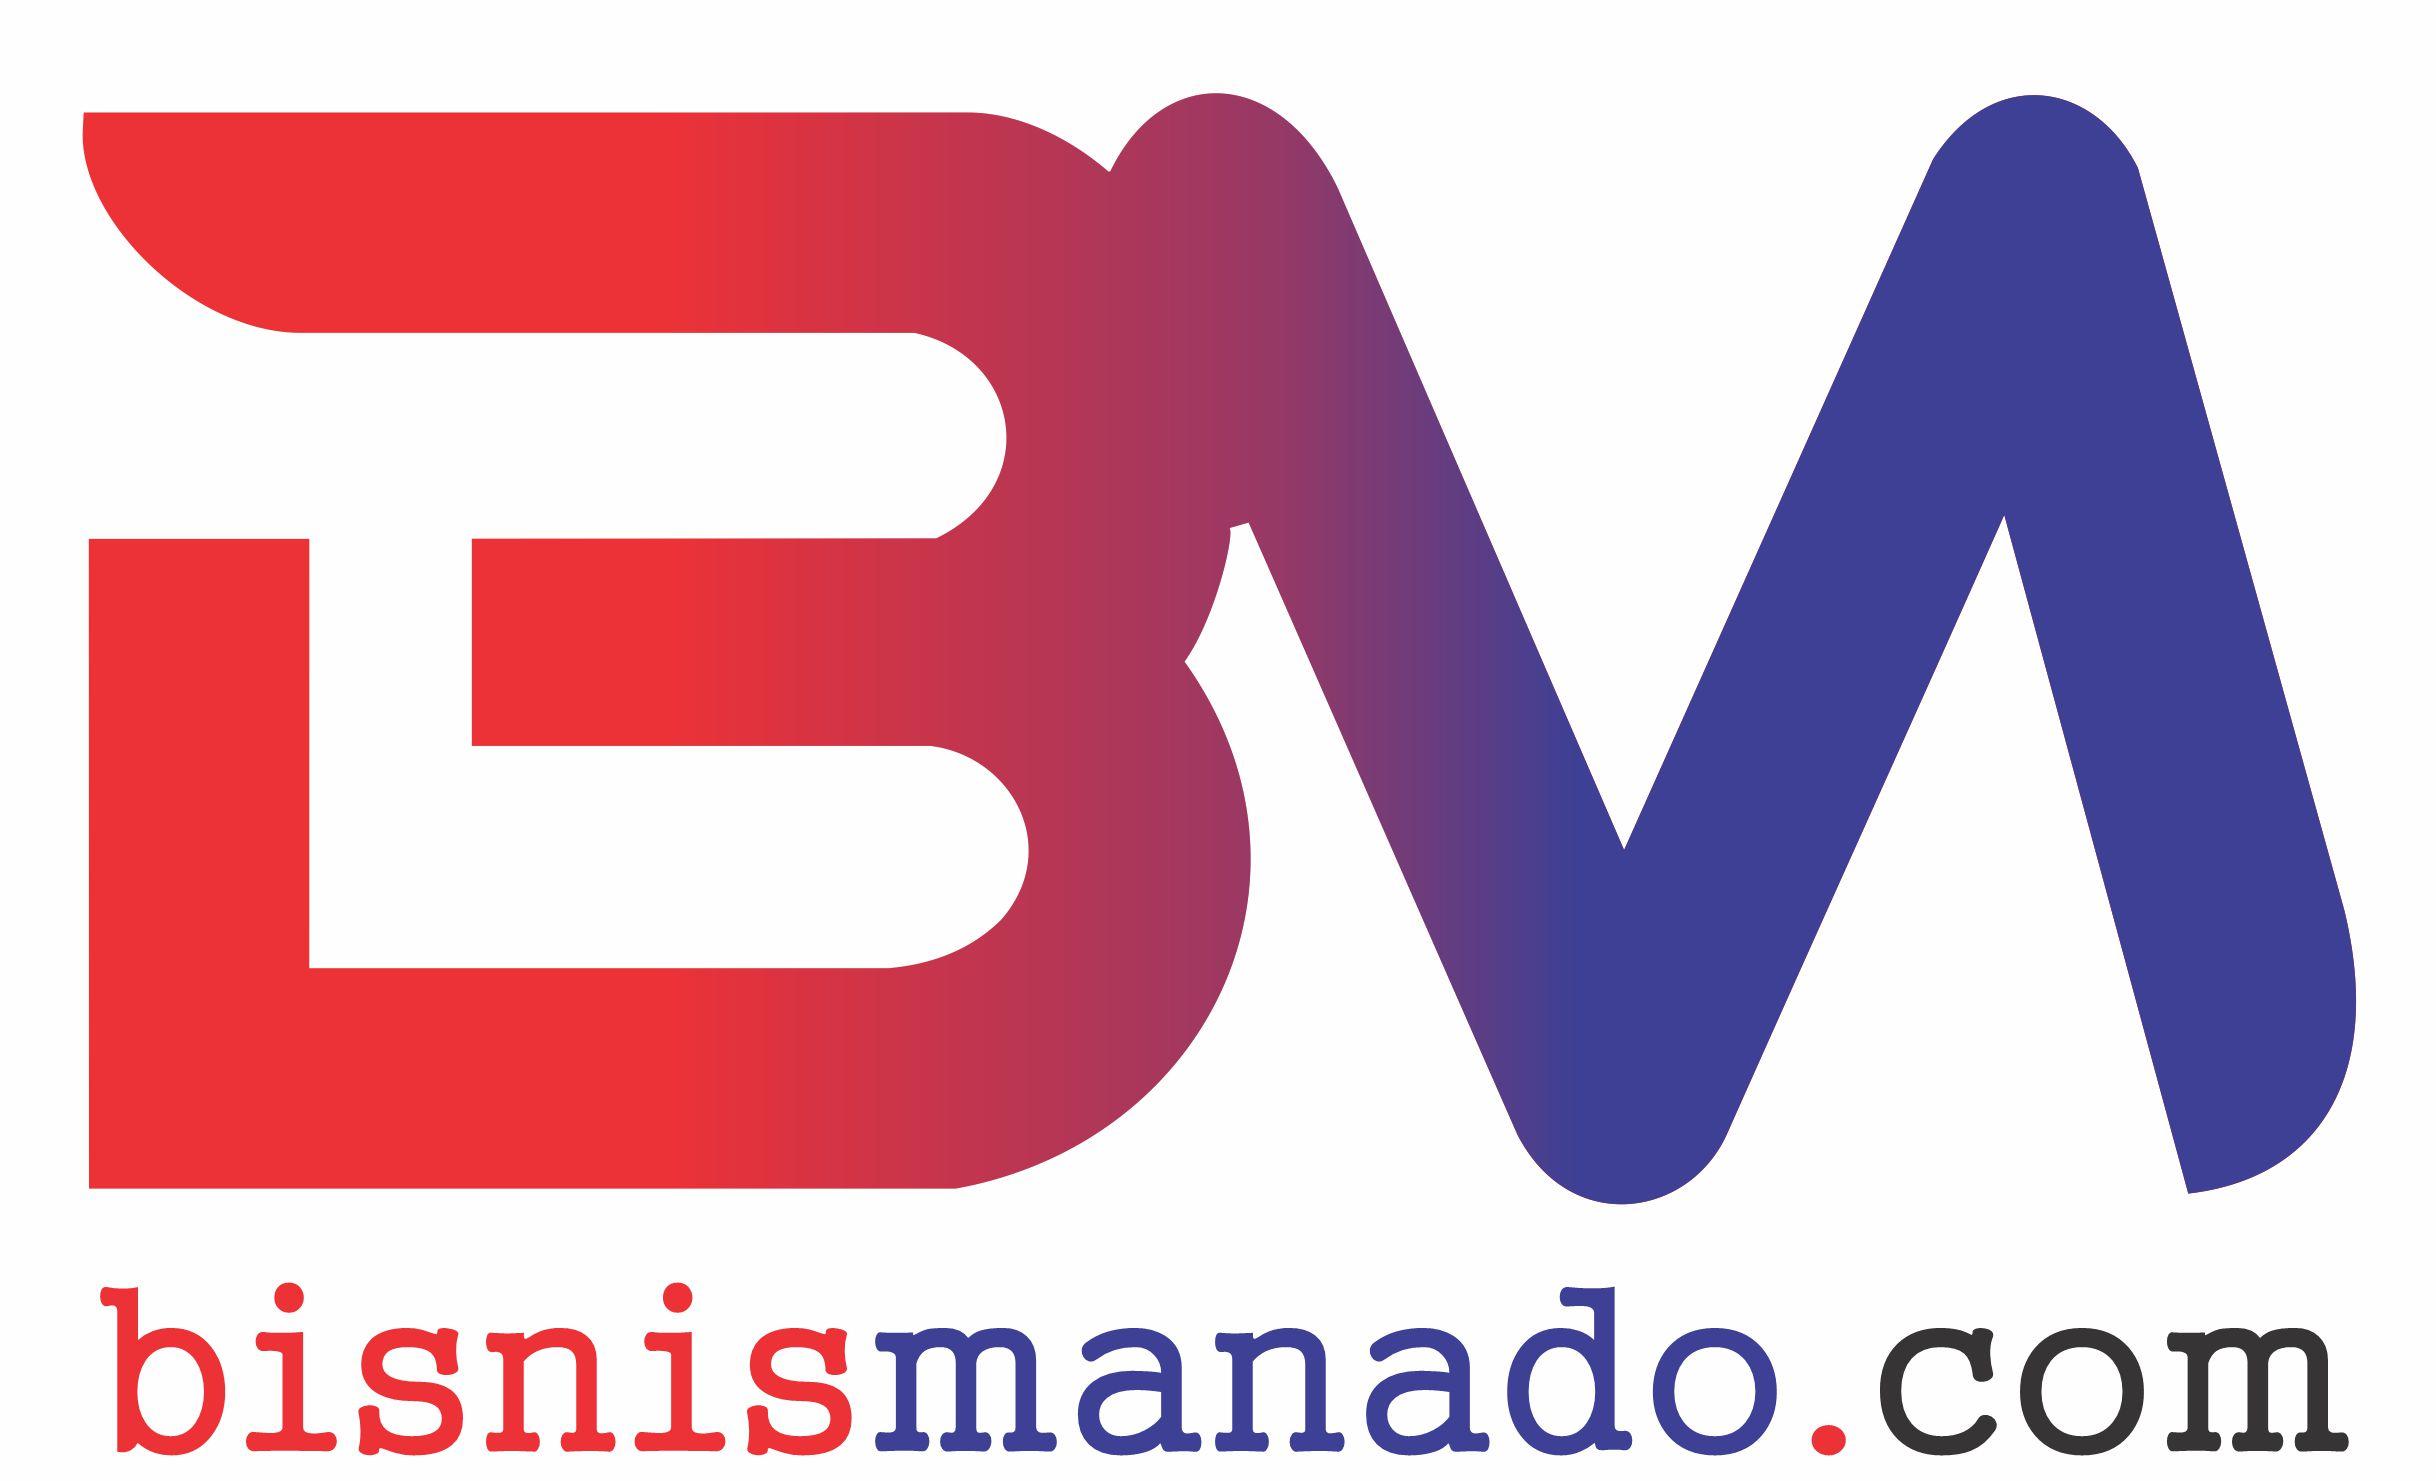 www.bisnismanado.com